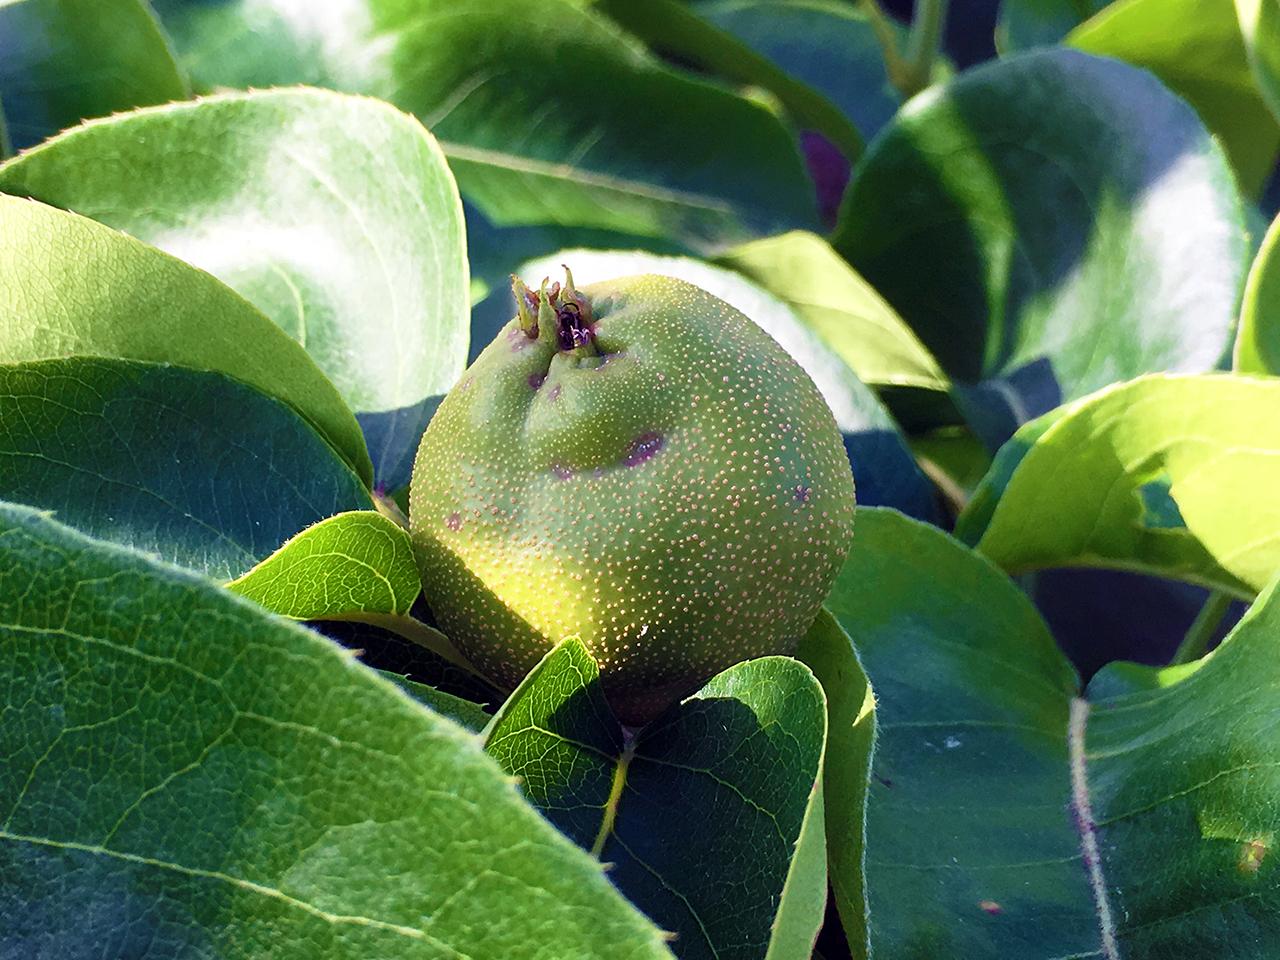 稲城市で小さな梨の実がなりはじめています